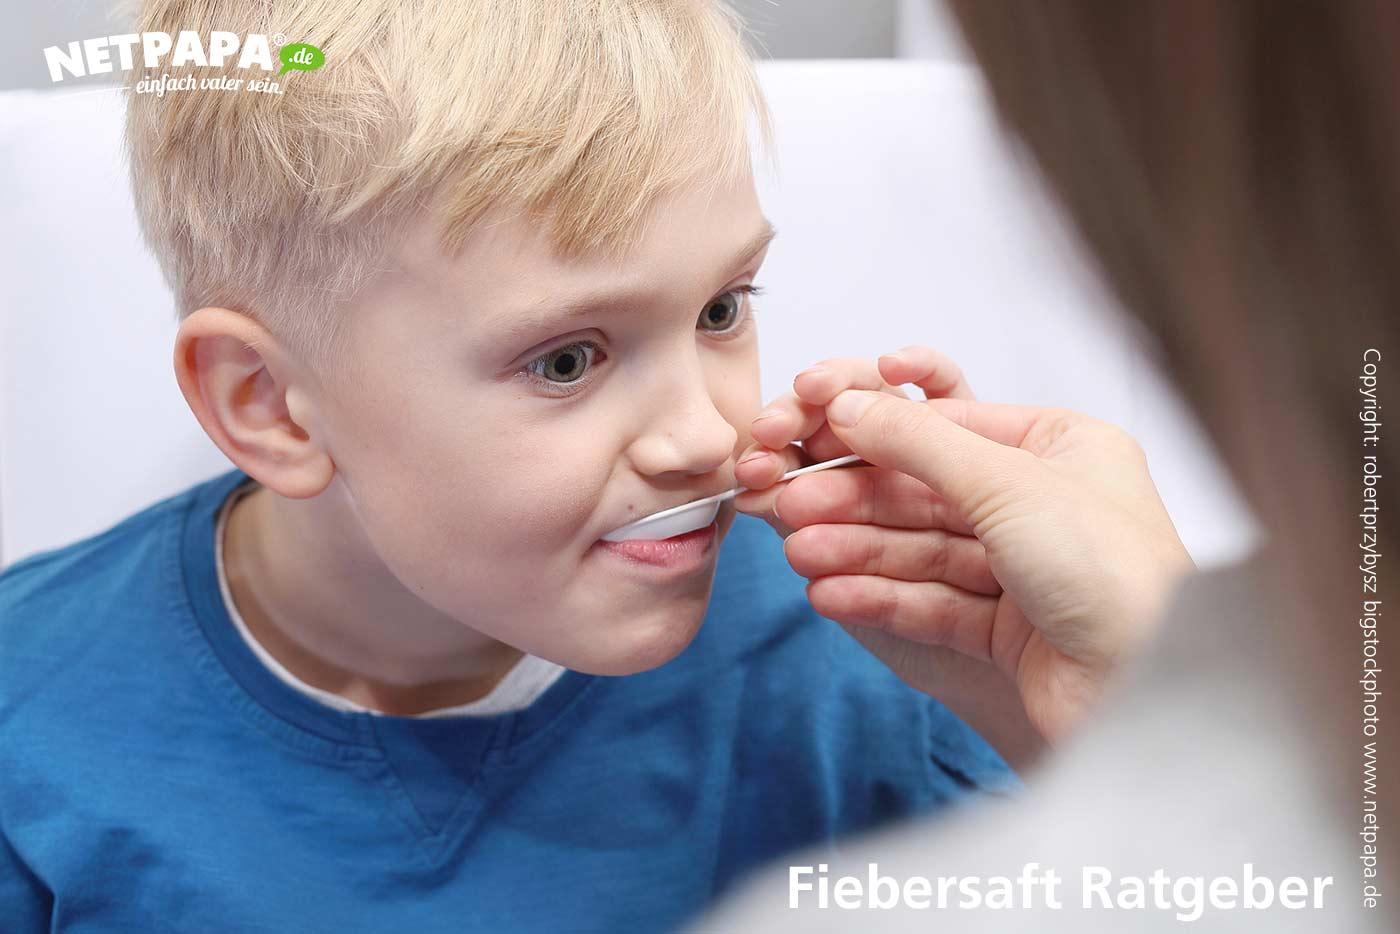 Wann wirkt Fiebersaft beim Kind